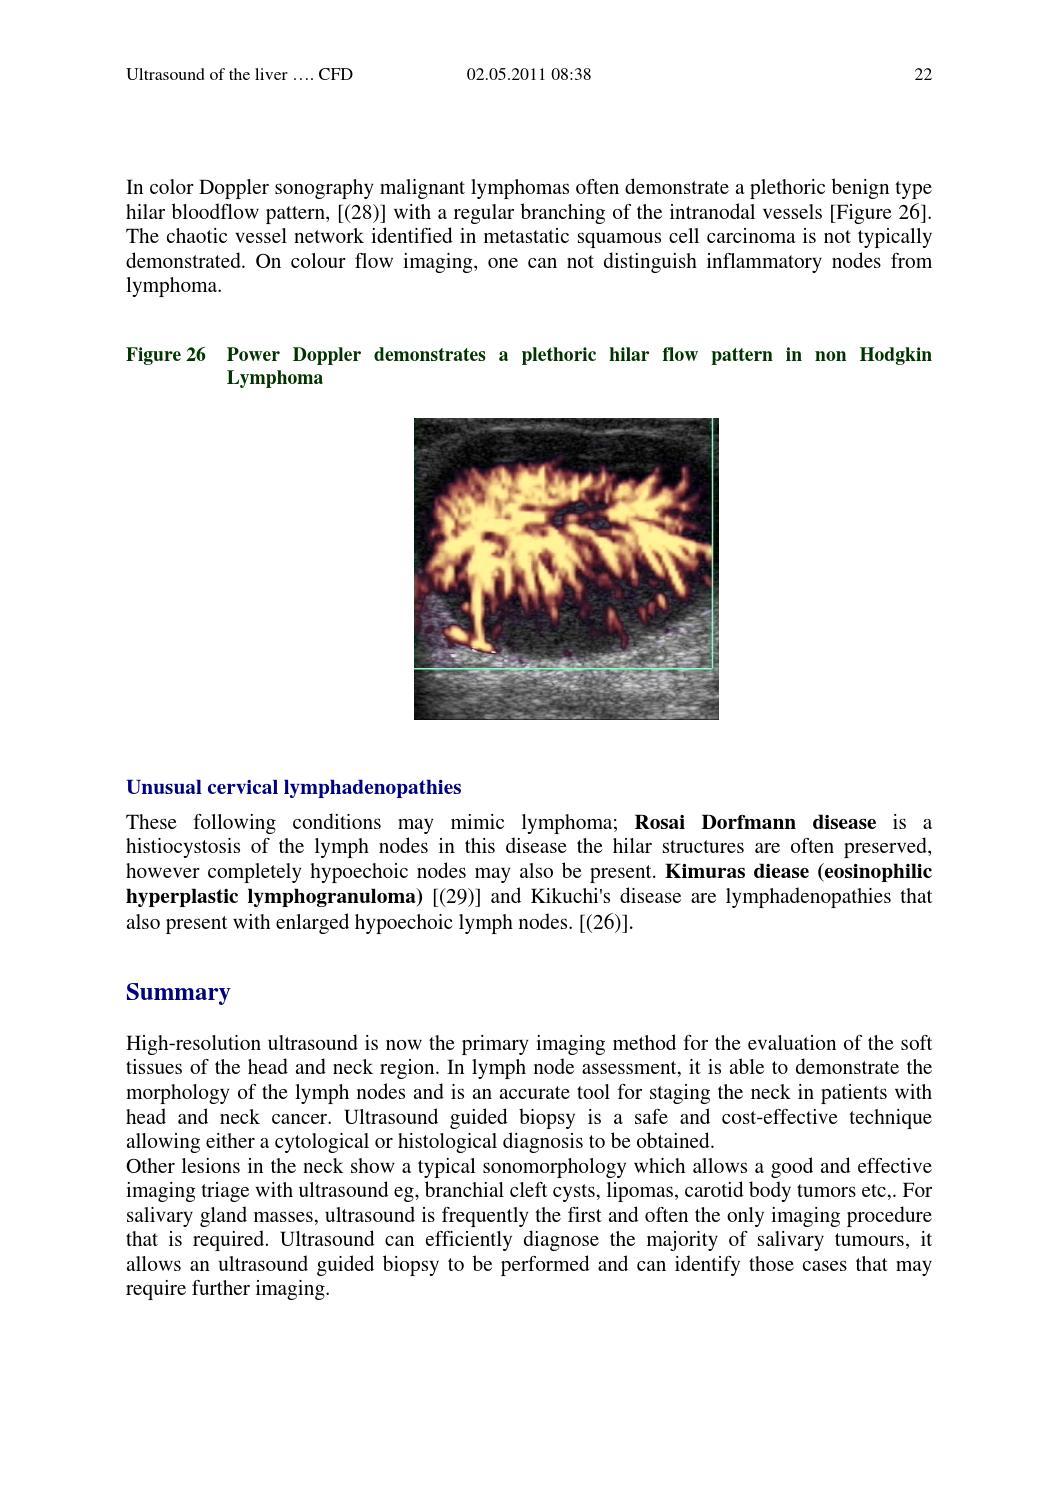 Coursebook softtissueneck ch15 by EFSUMB - issuu